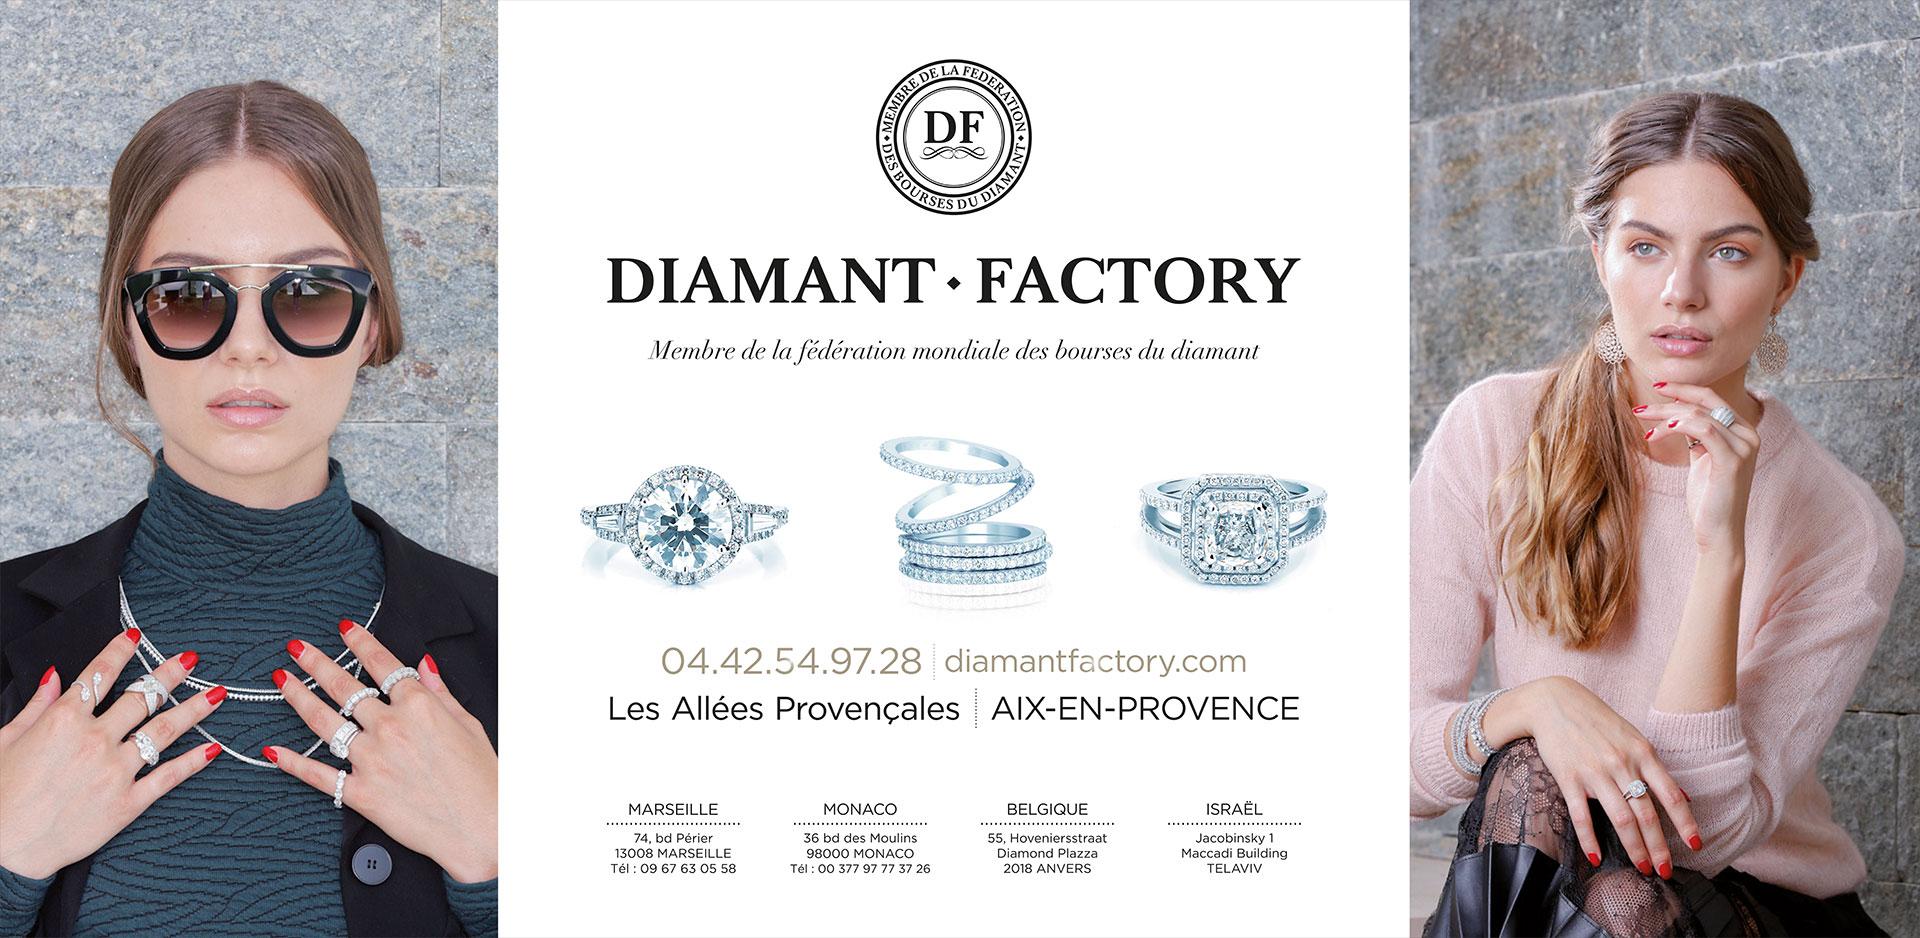 DIAMANT FACTORY